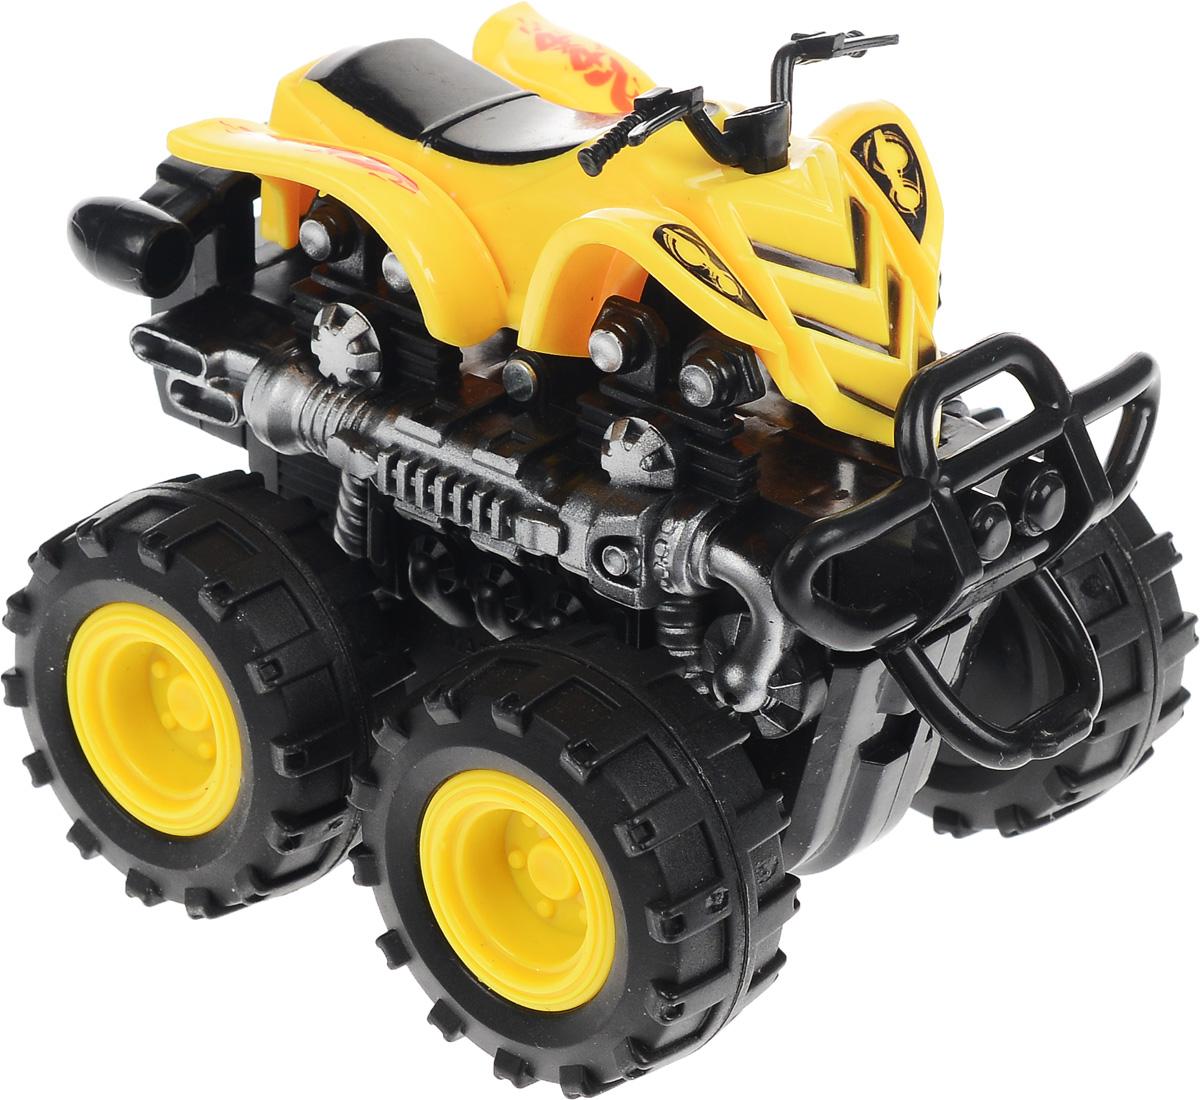 Big Motors Квадроцикл инерционный 4 WD цвет желтый big motors квадроцикл инерционный 4 wd цвет желтый